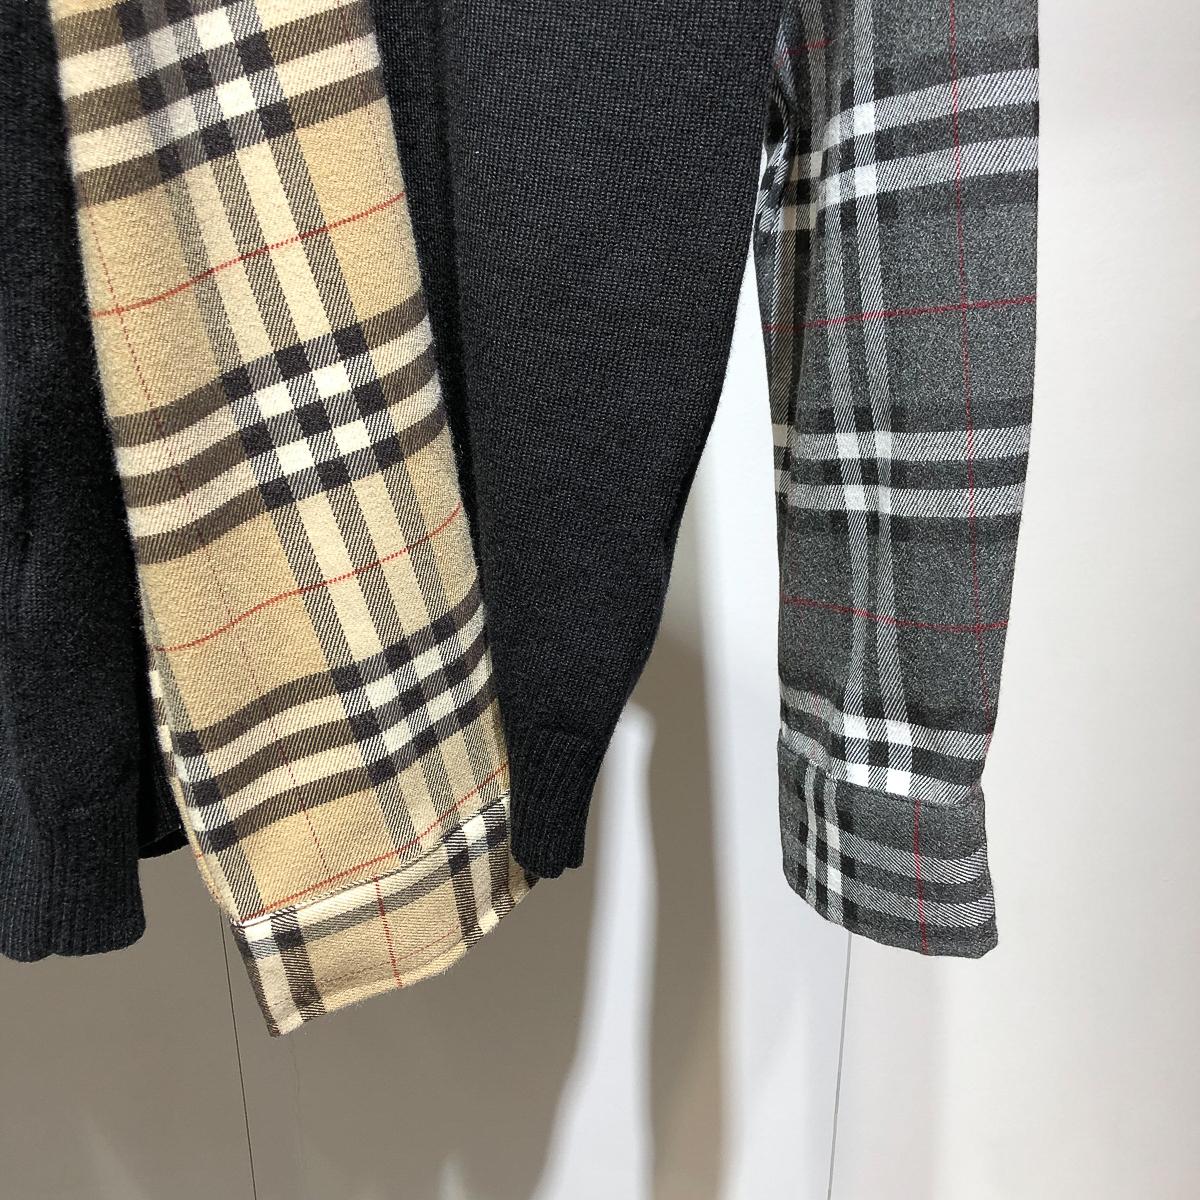 2021冬季新品衬衫拼接假两件毛衣男格子手袖针织polo衫翻